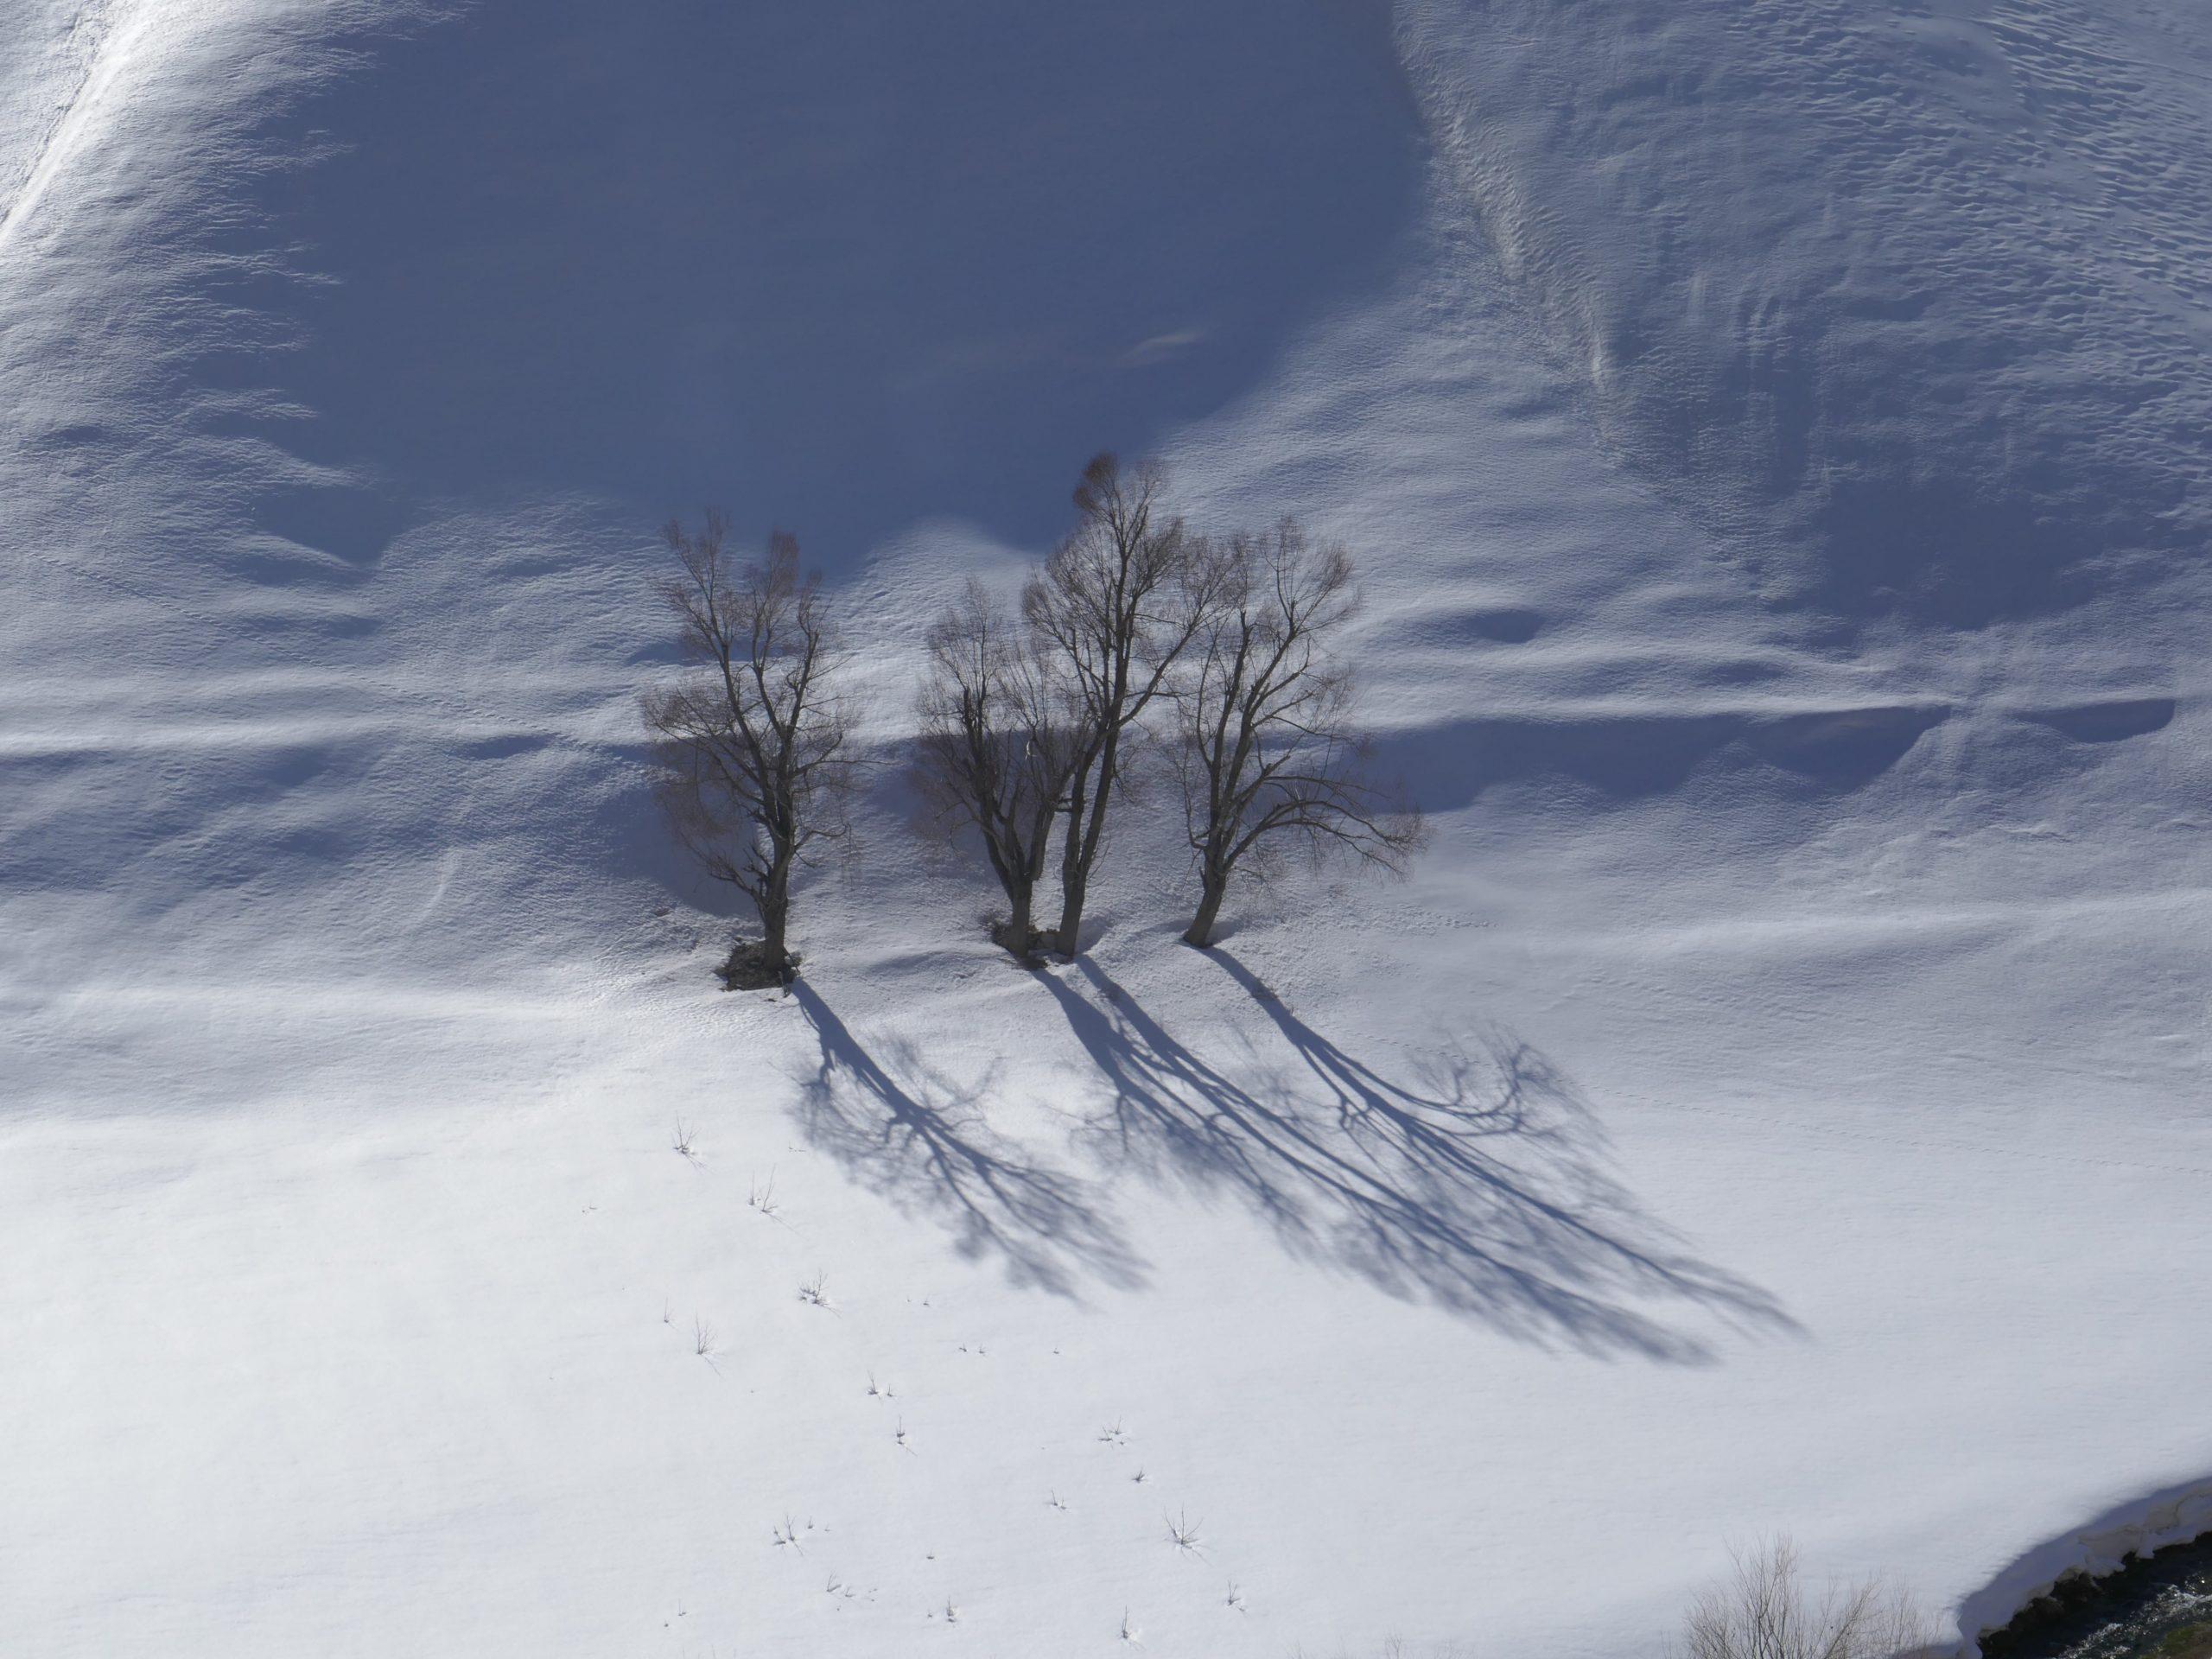 neige et arbres